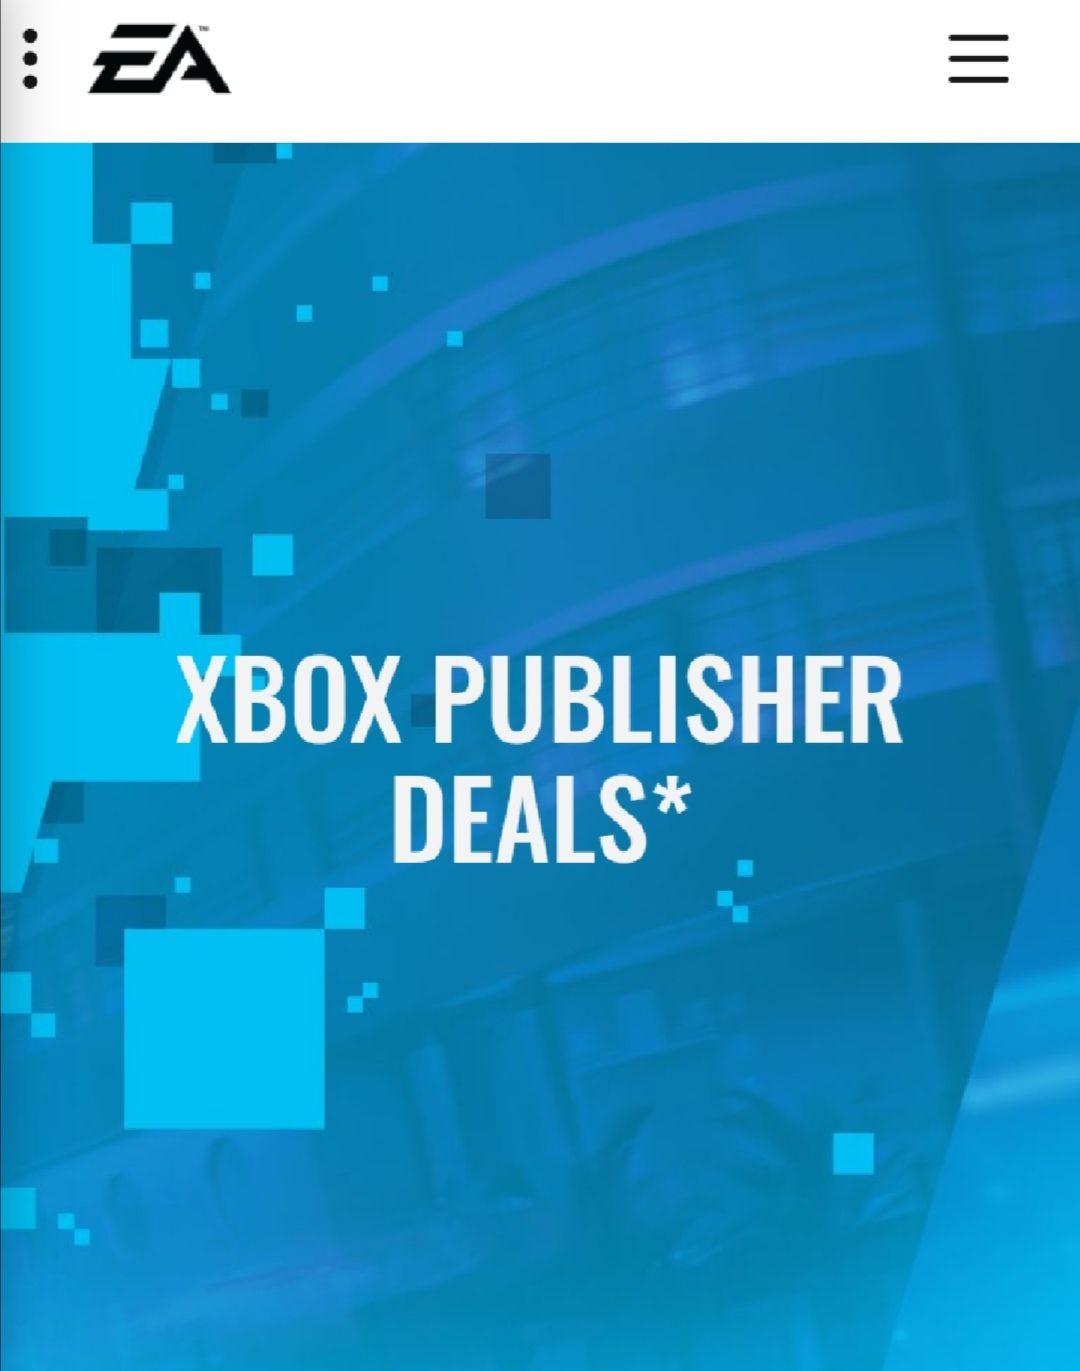 Xbox & Origin publisher sale at EA.com